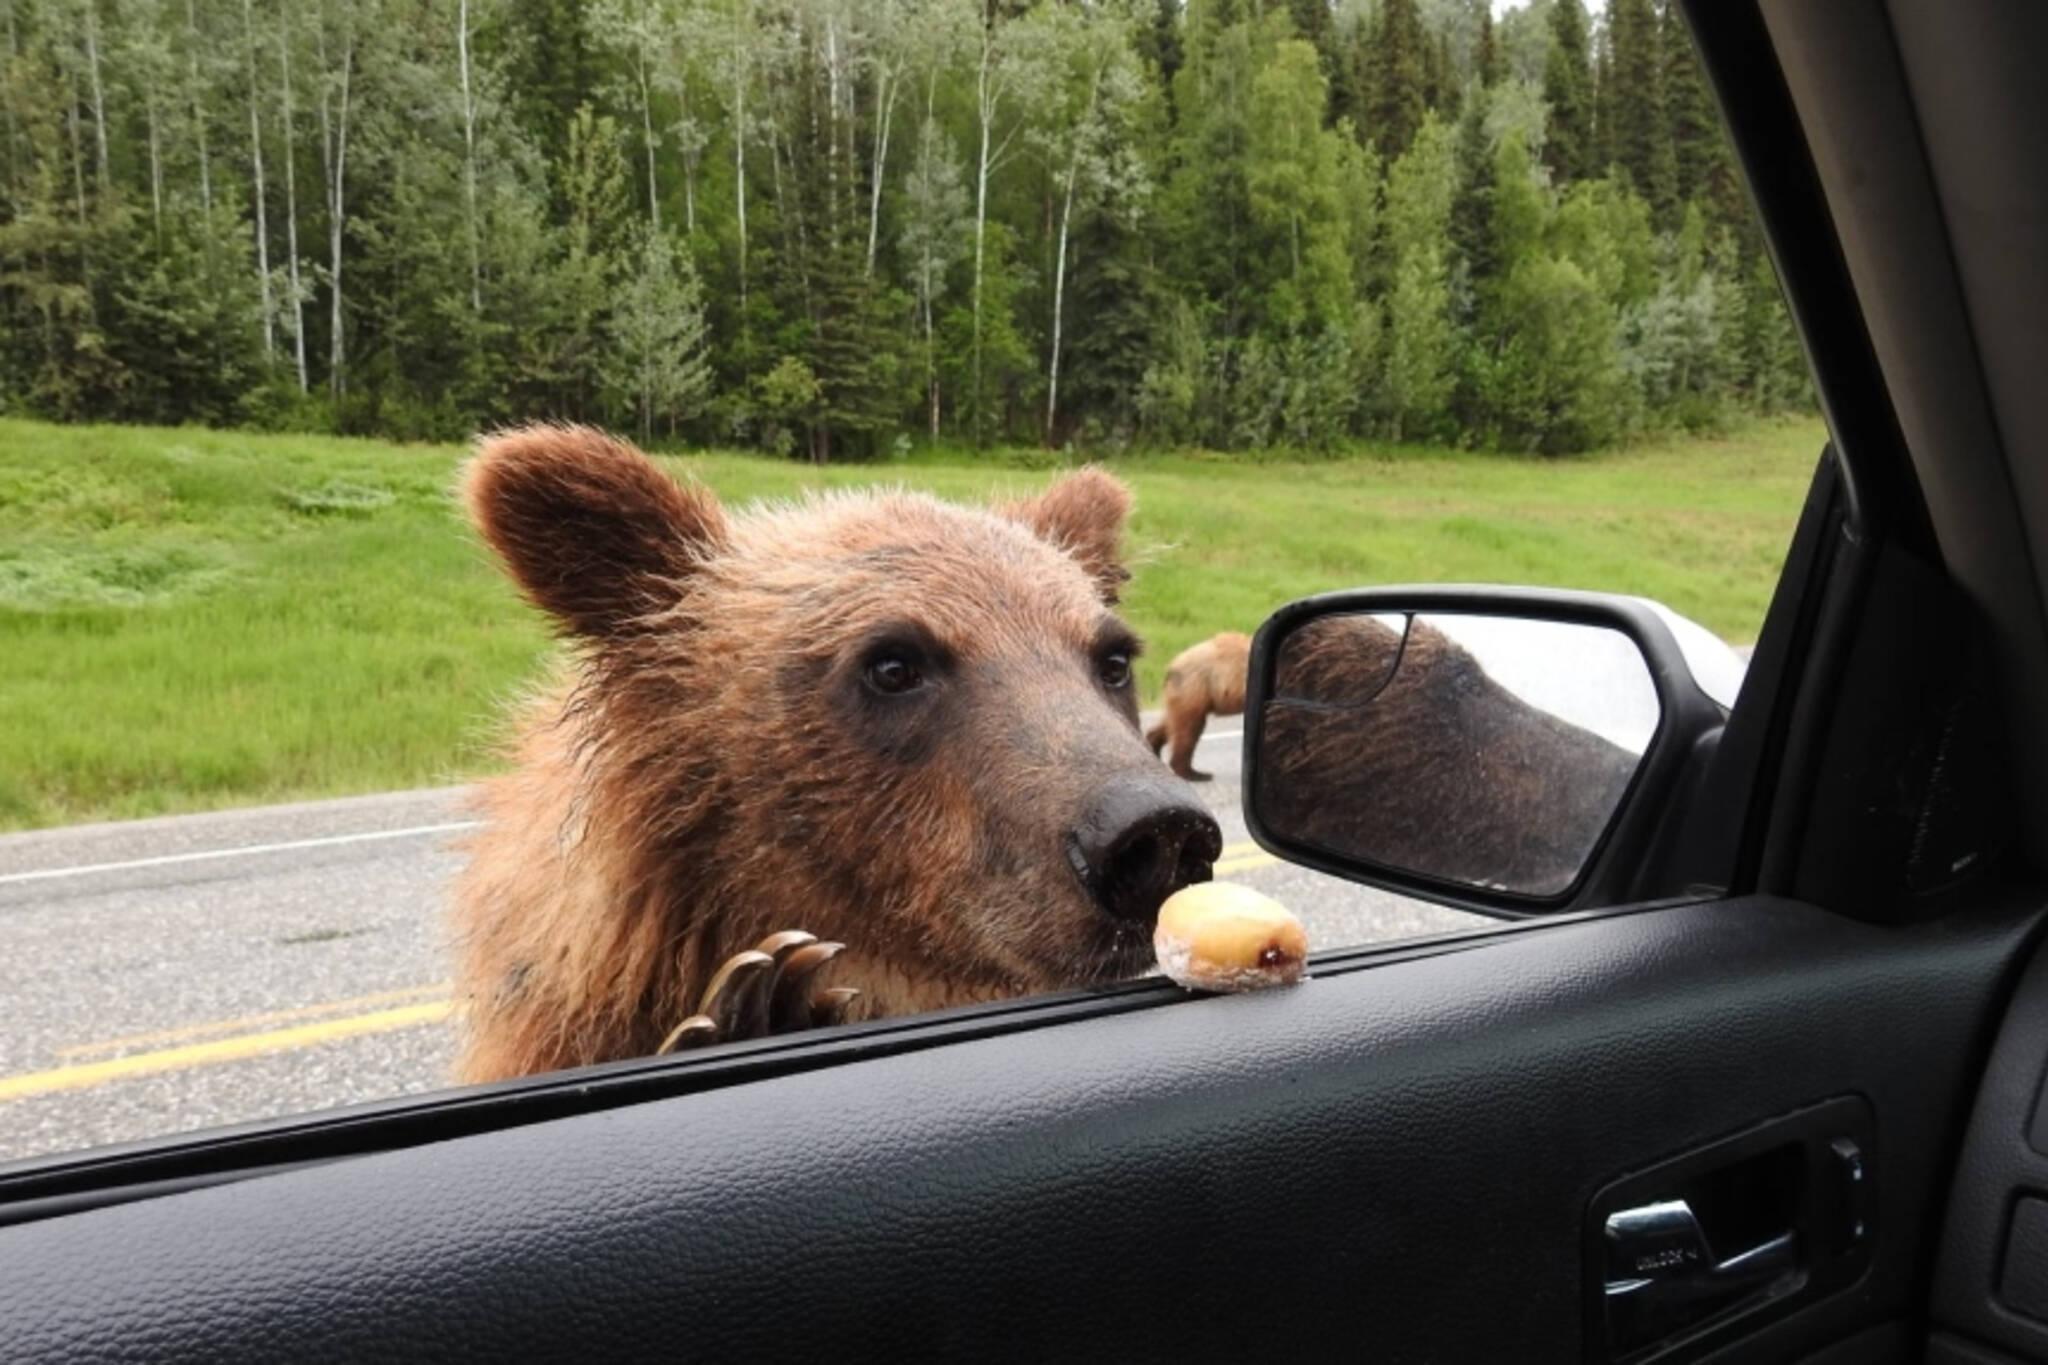 timbit bear